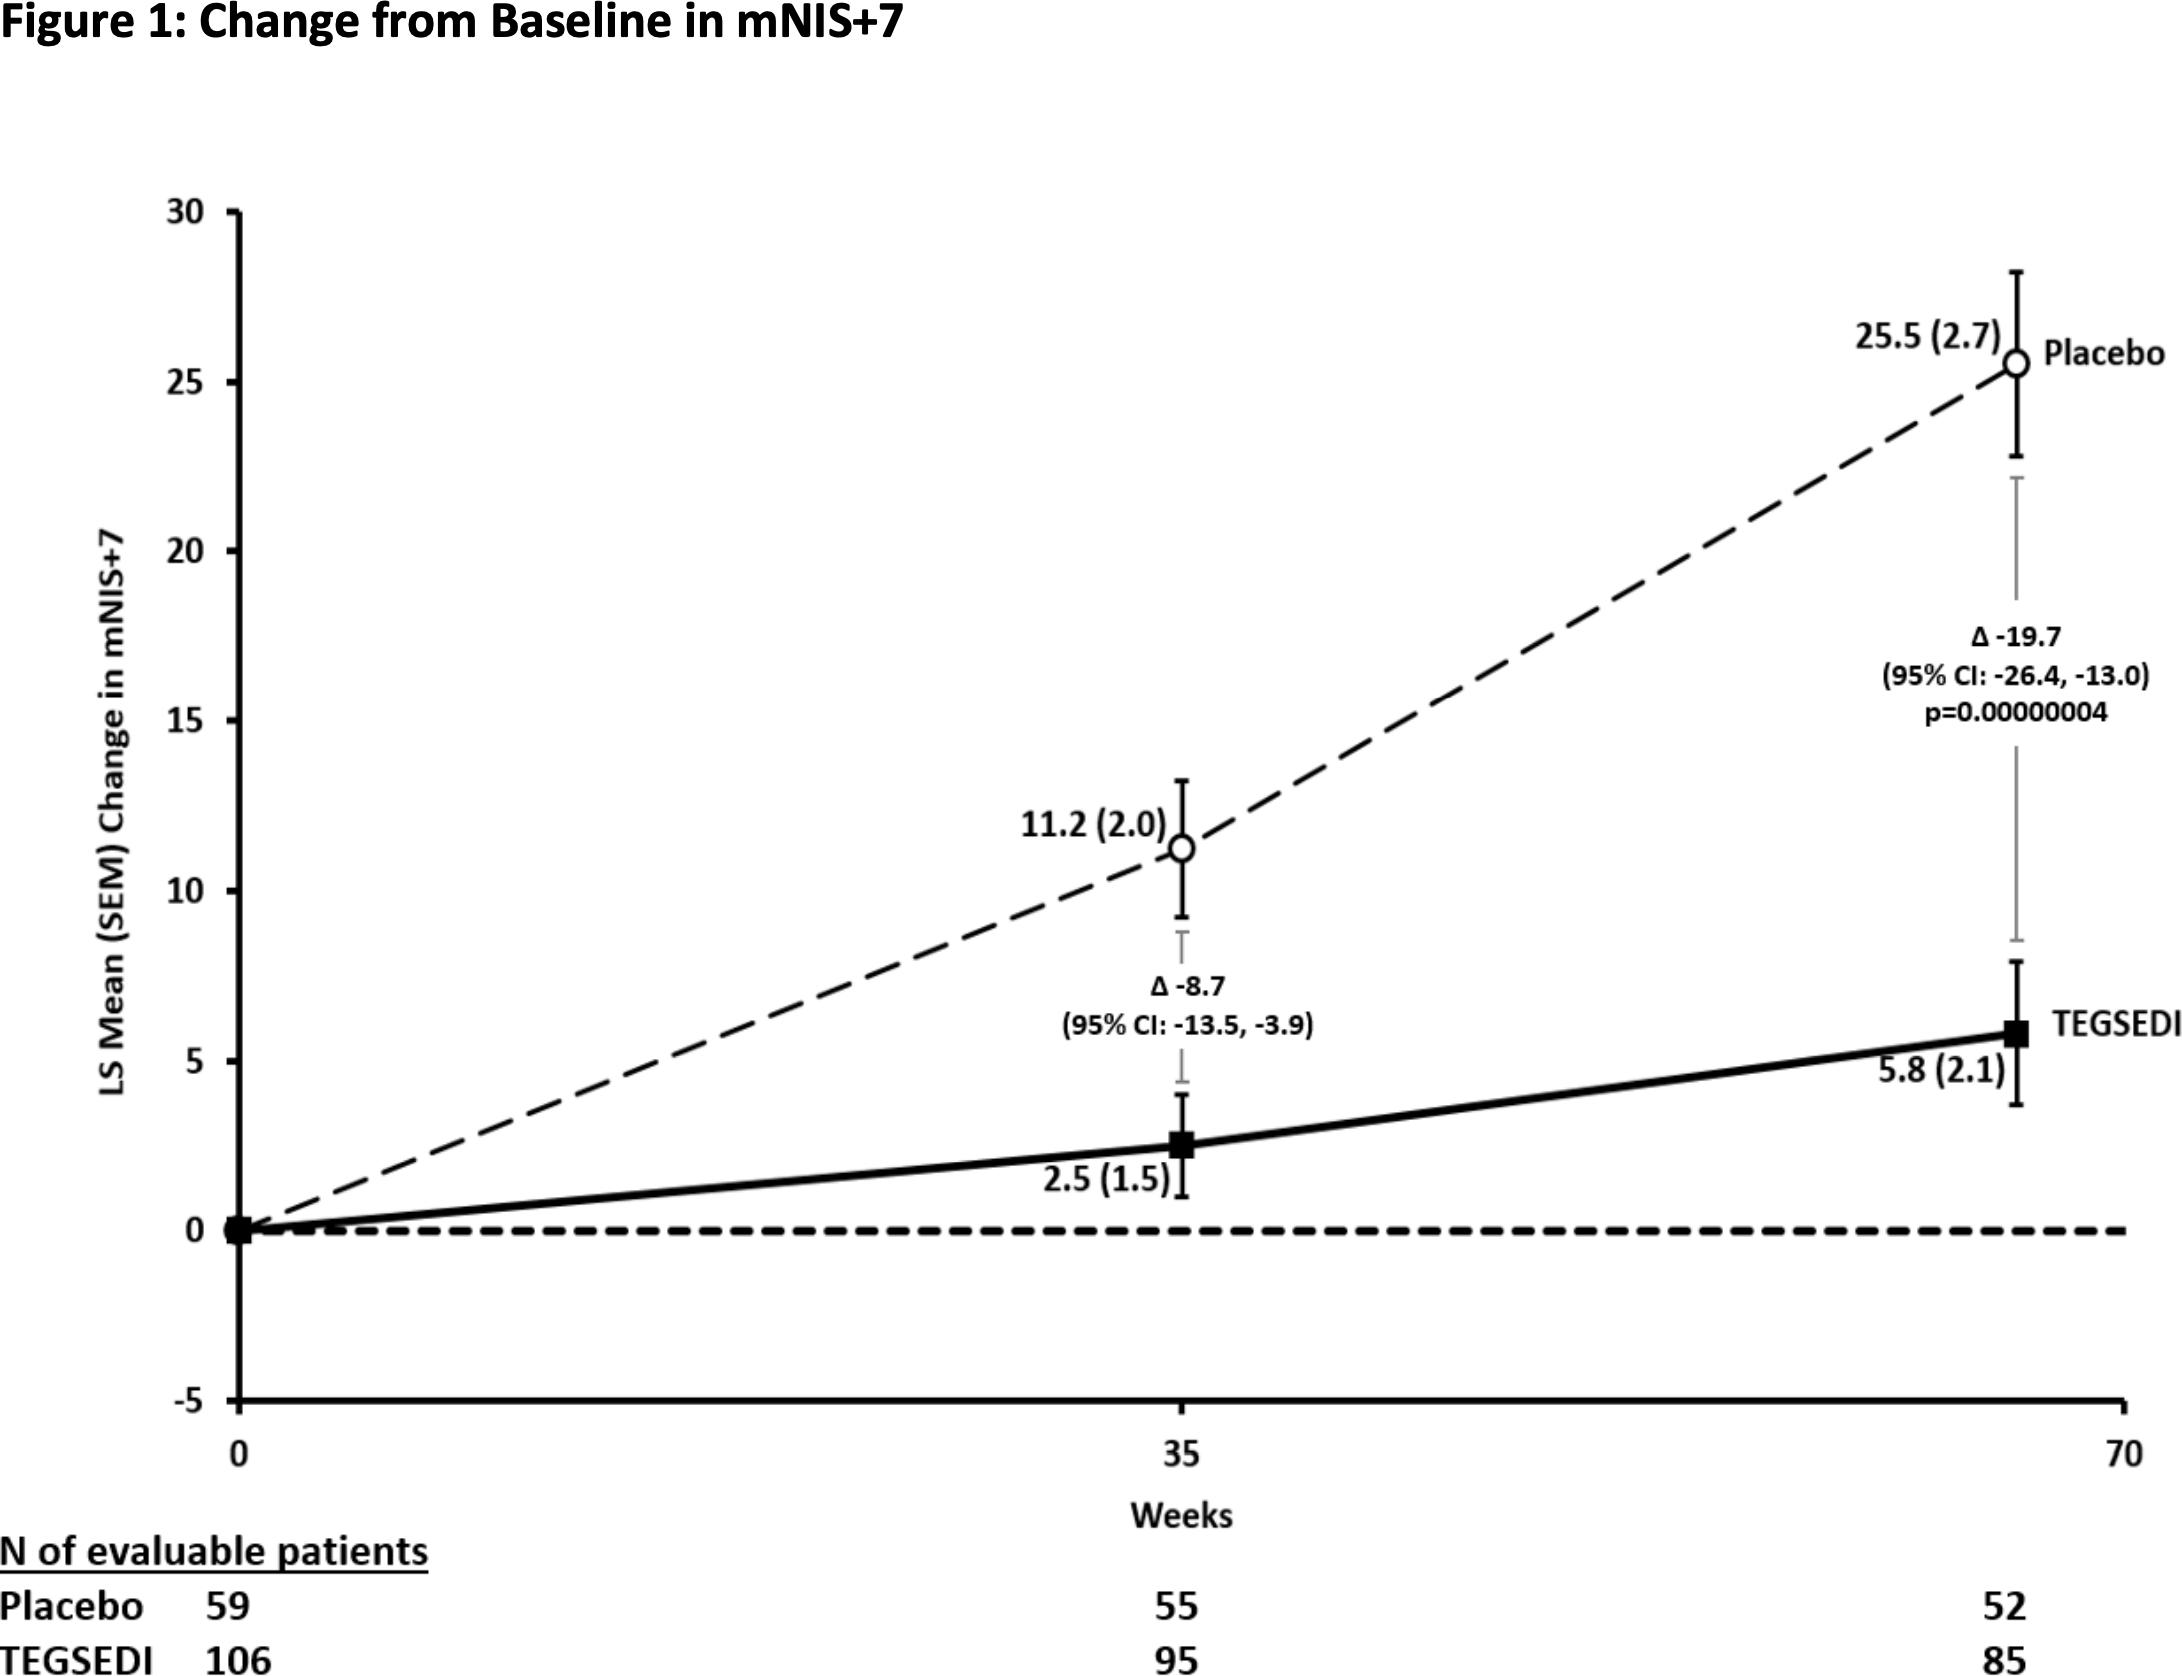 tegsedi clinical trials results 02 - «Тегседи»: олигонуклеотидное лекарство против семейной амилоидной полинейропатии